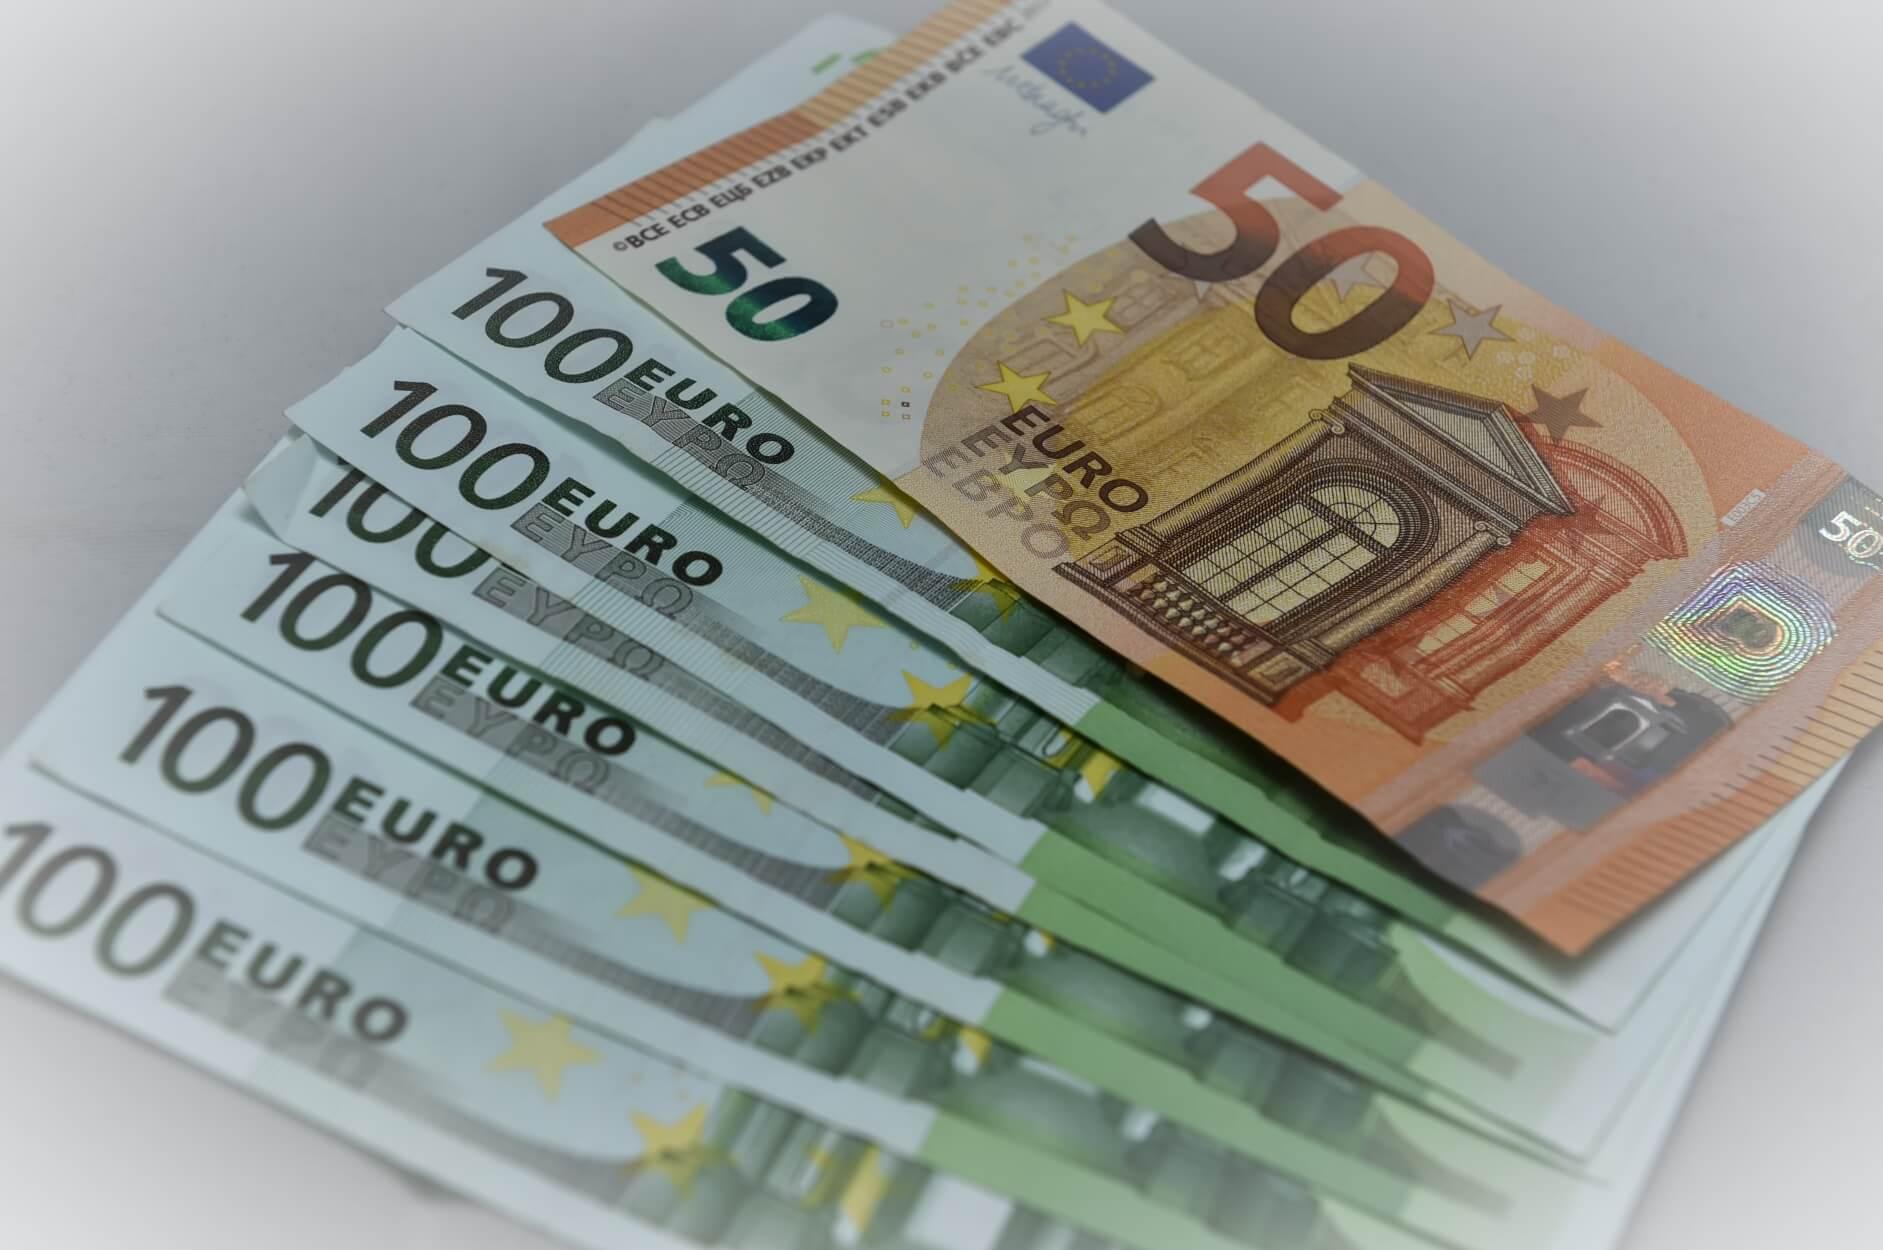 150 εκατομμύρια ευρώ για την επιχορήγηση μικρομεσαίων επιχειρήσεων!